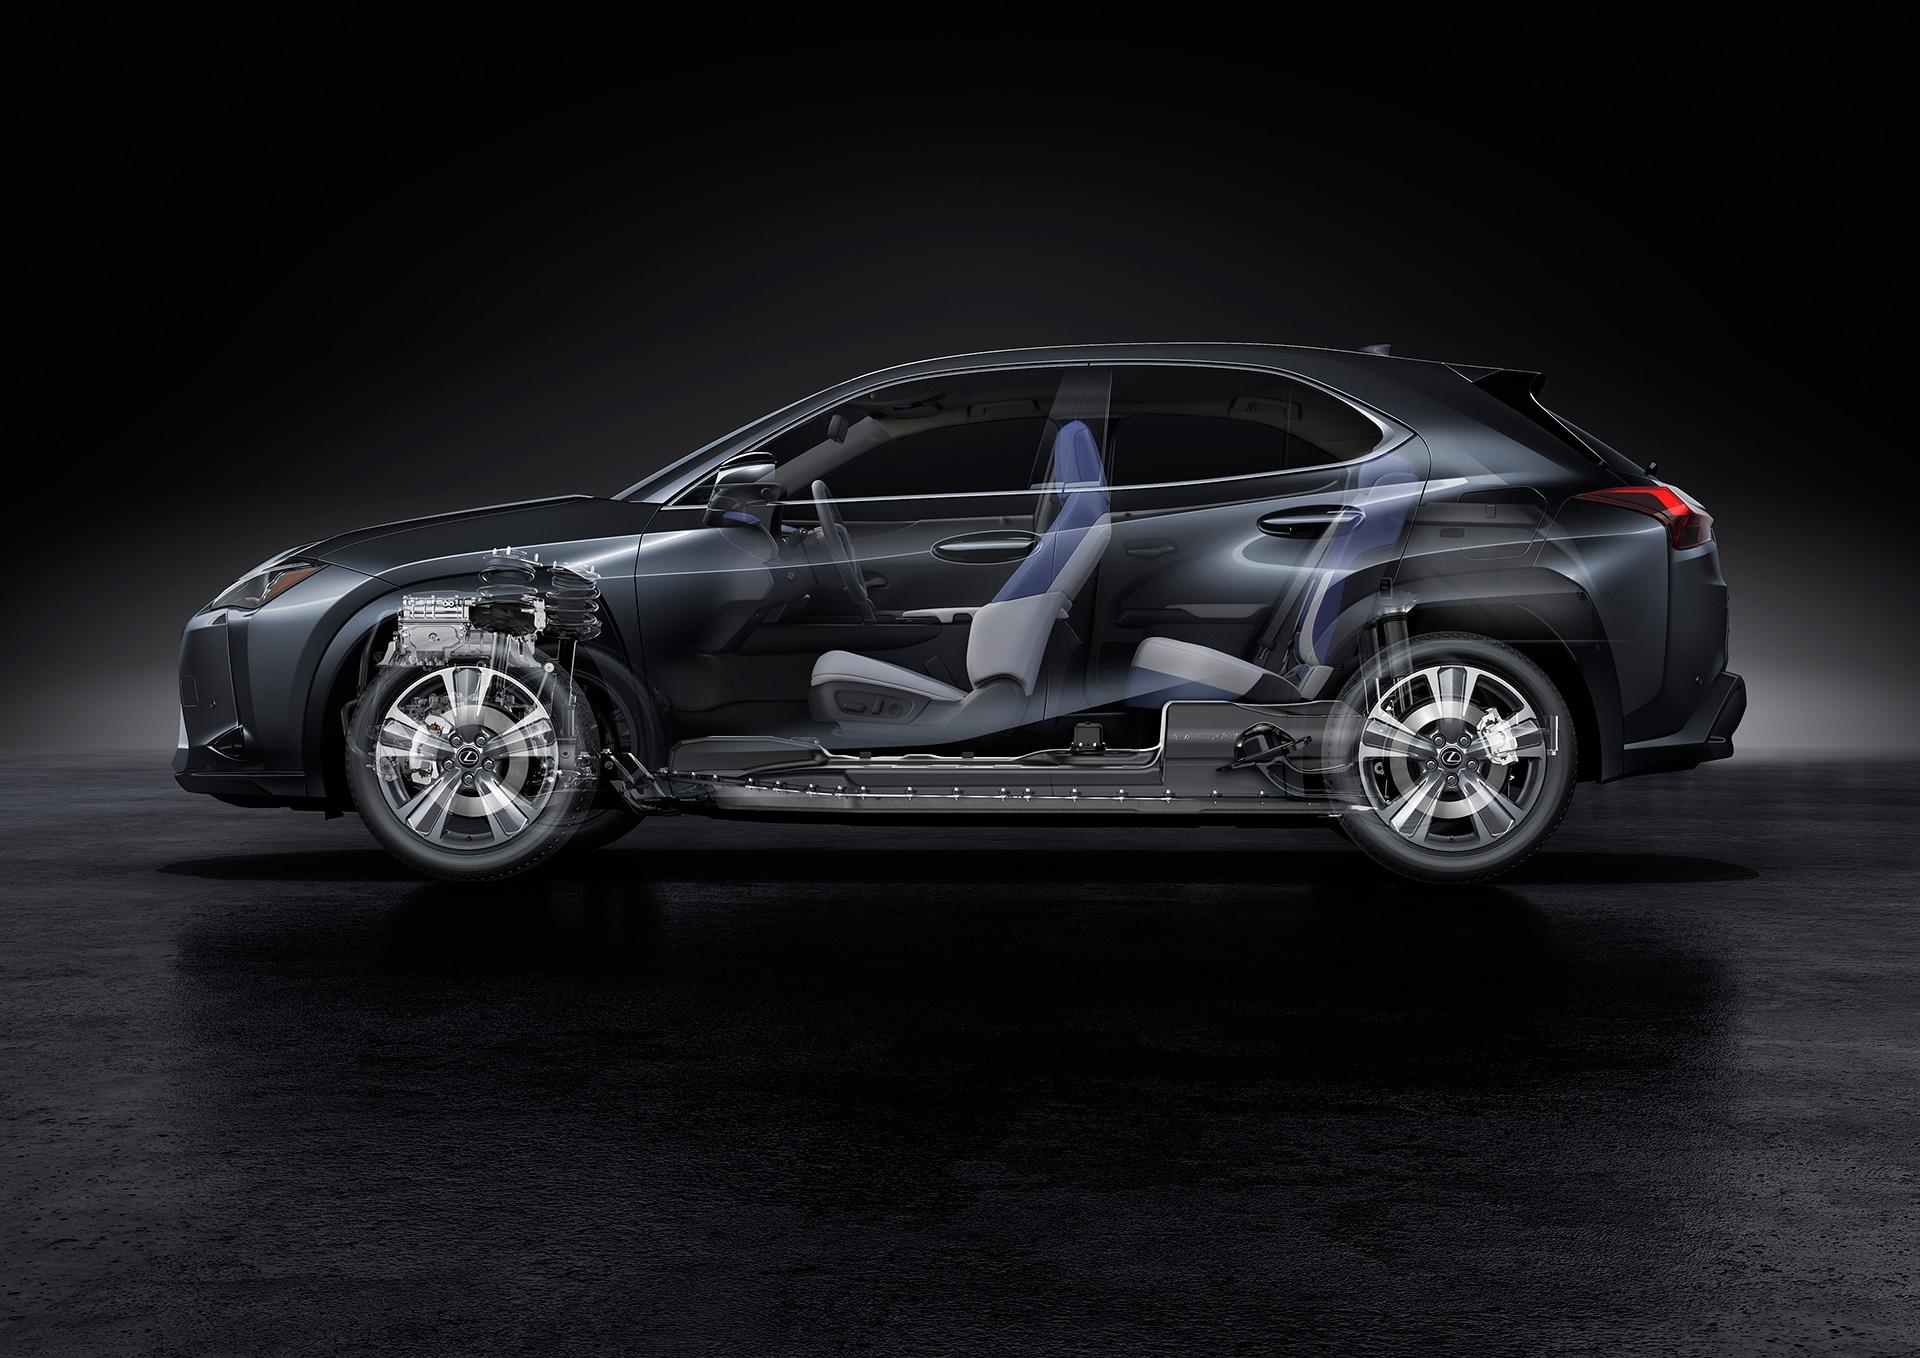 UX 300e - xe dien dau tien cua Lexus ra mat the gioi hinh anh 24